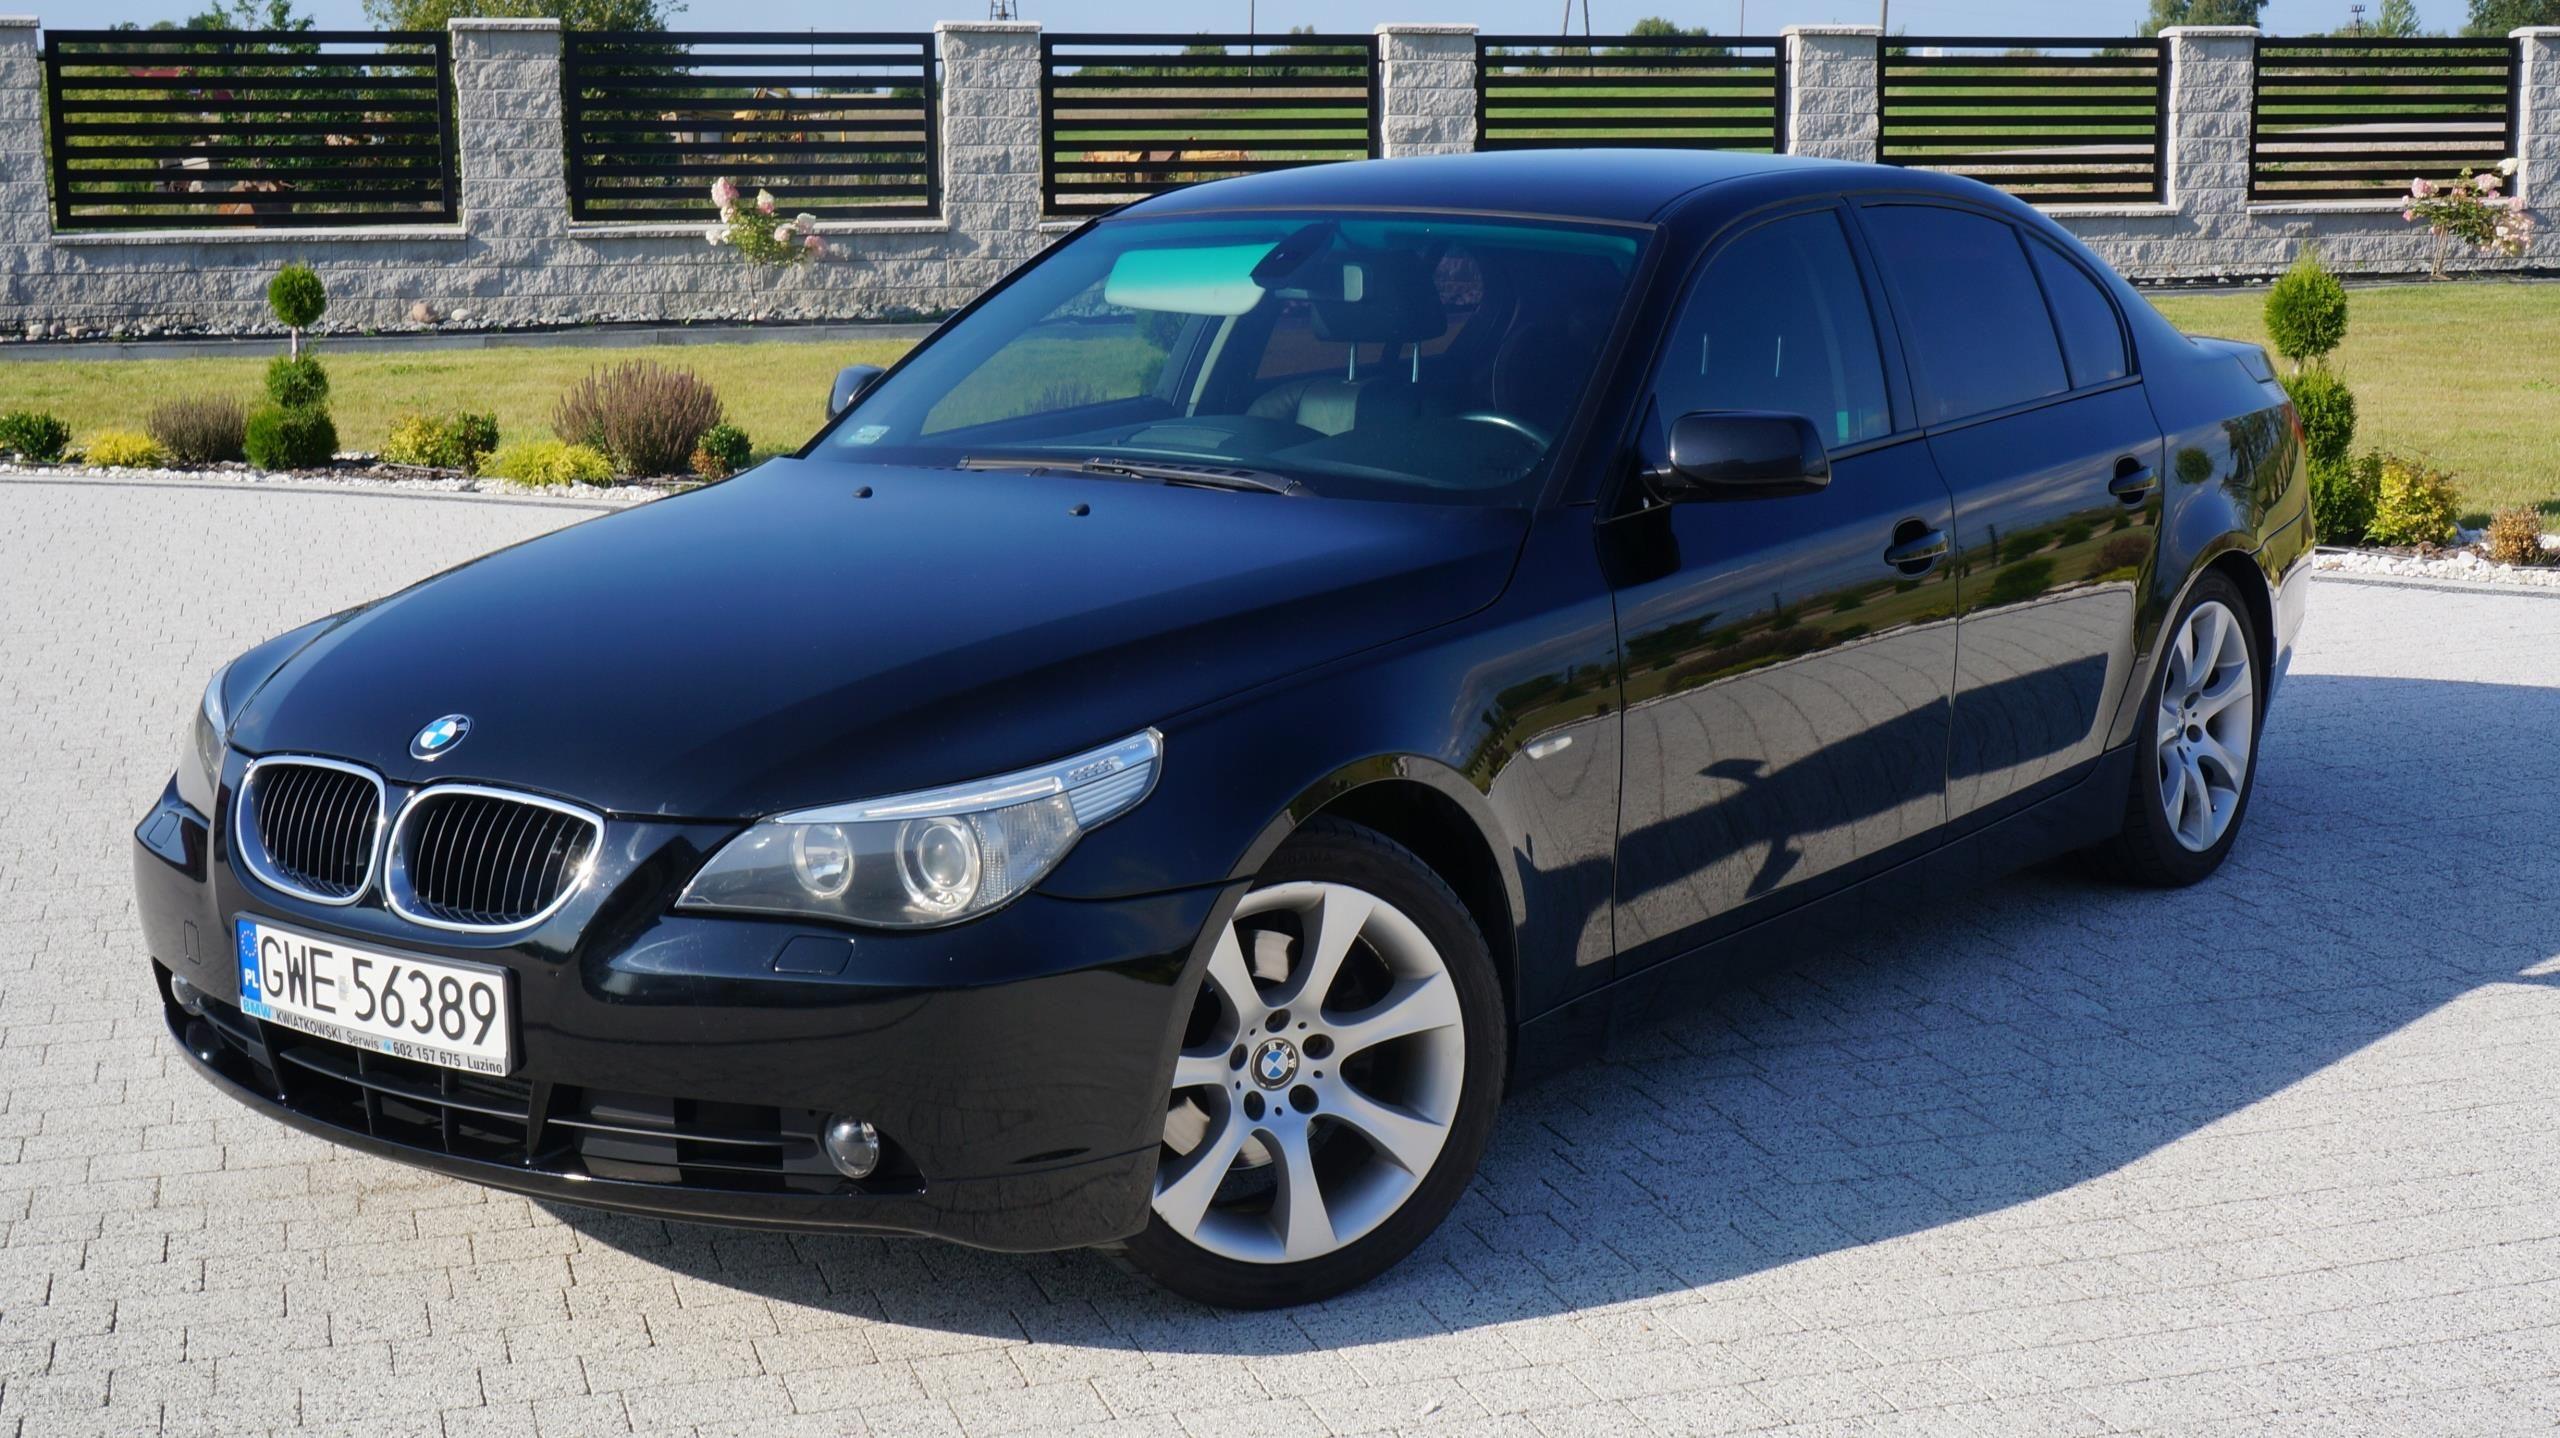 Motryzacja Samochody Osobowe Bmw Seria 5 Opinie I Ceny Na Ceneo Pl